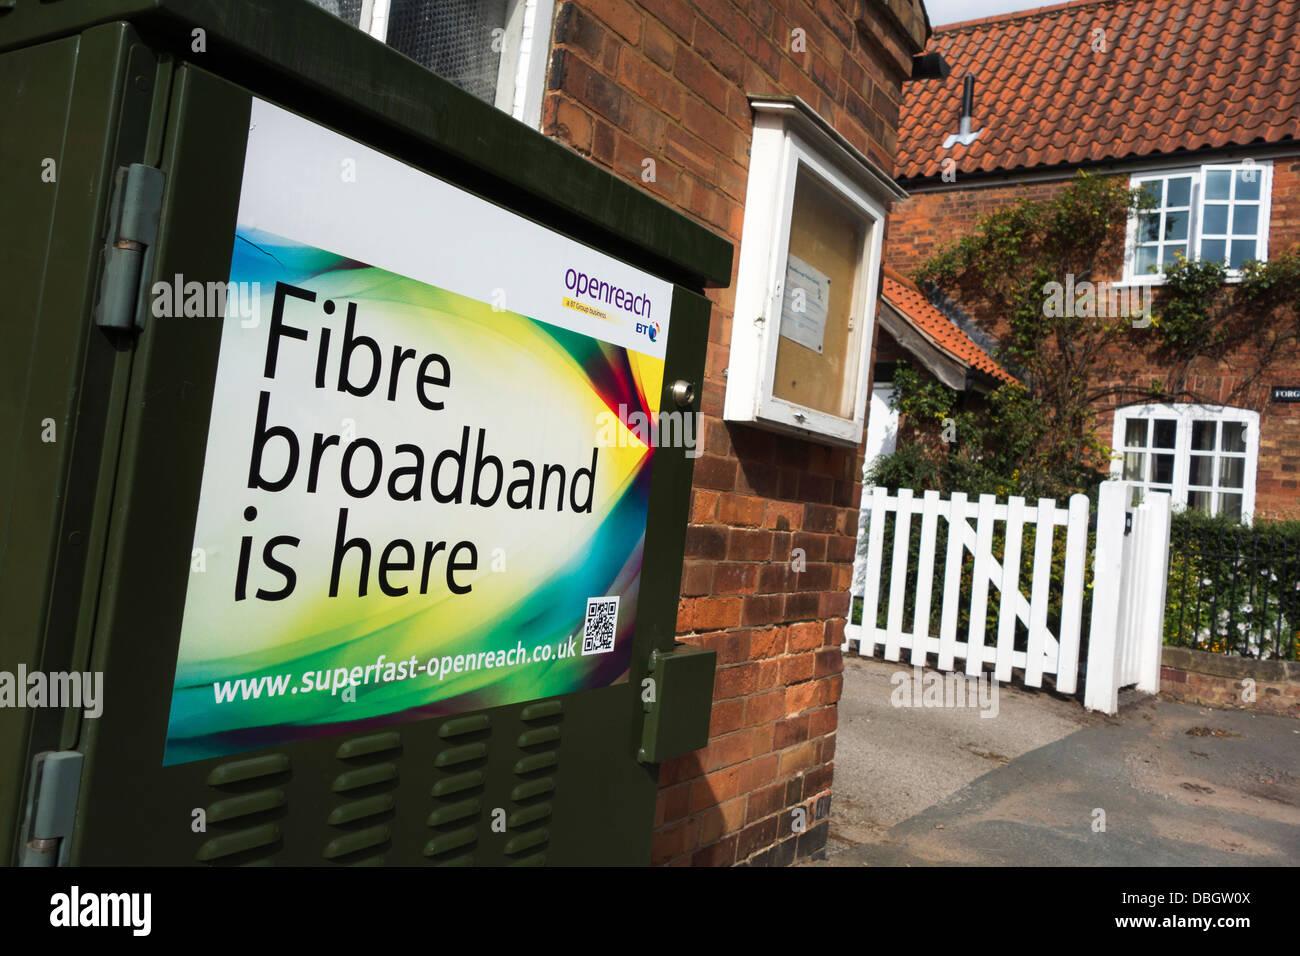 BT-Breitbandverbindung in Großbritannien. Stockbild